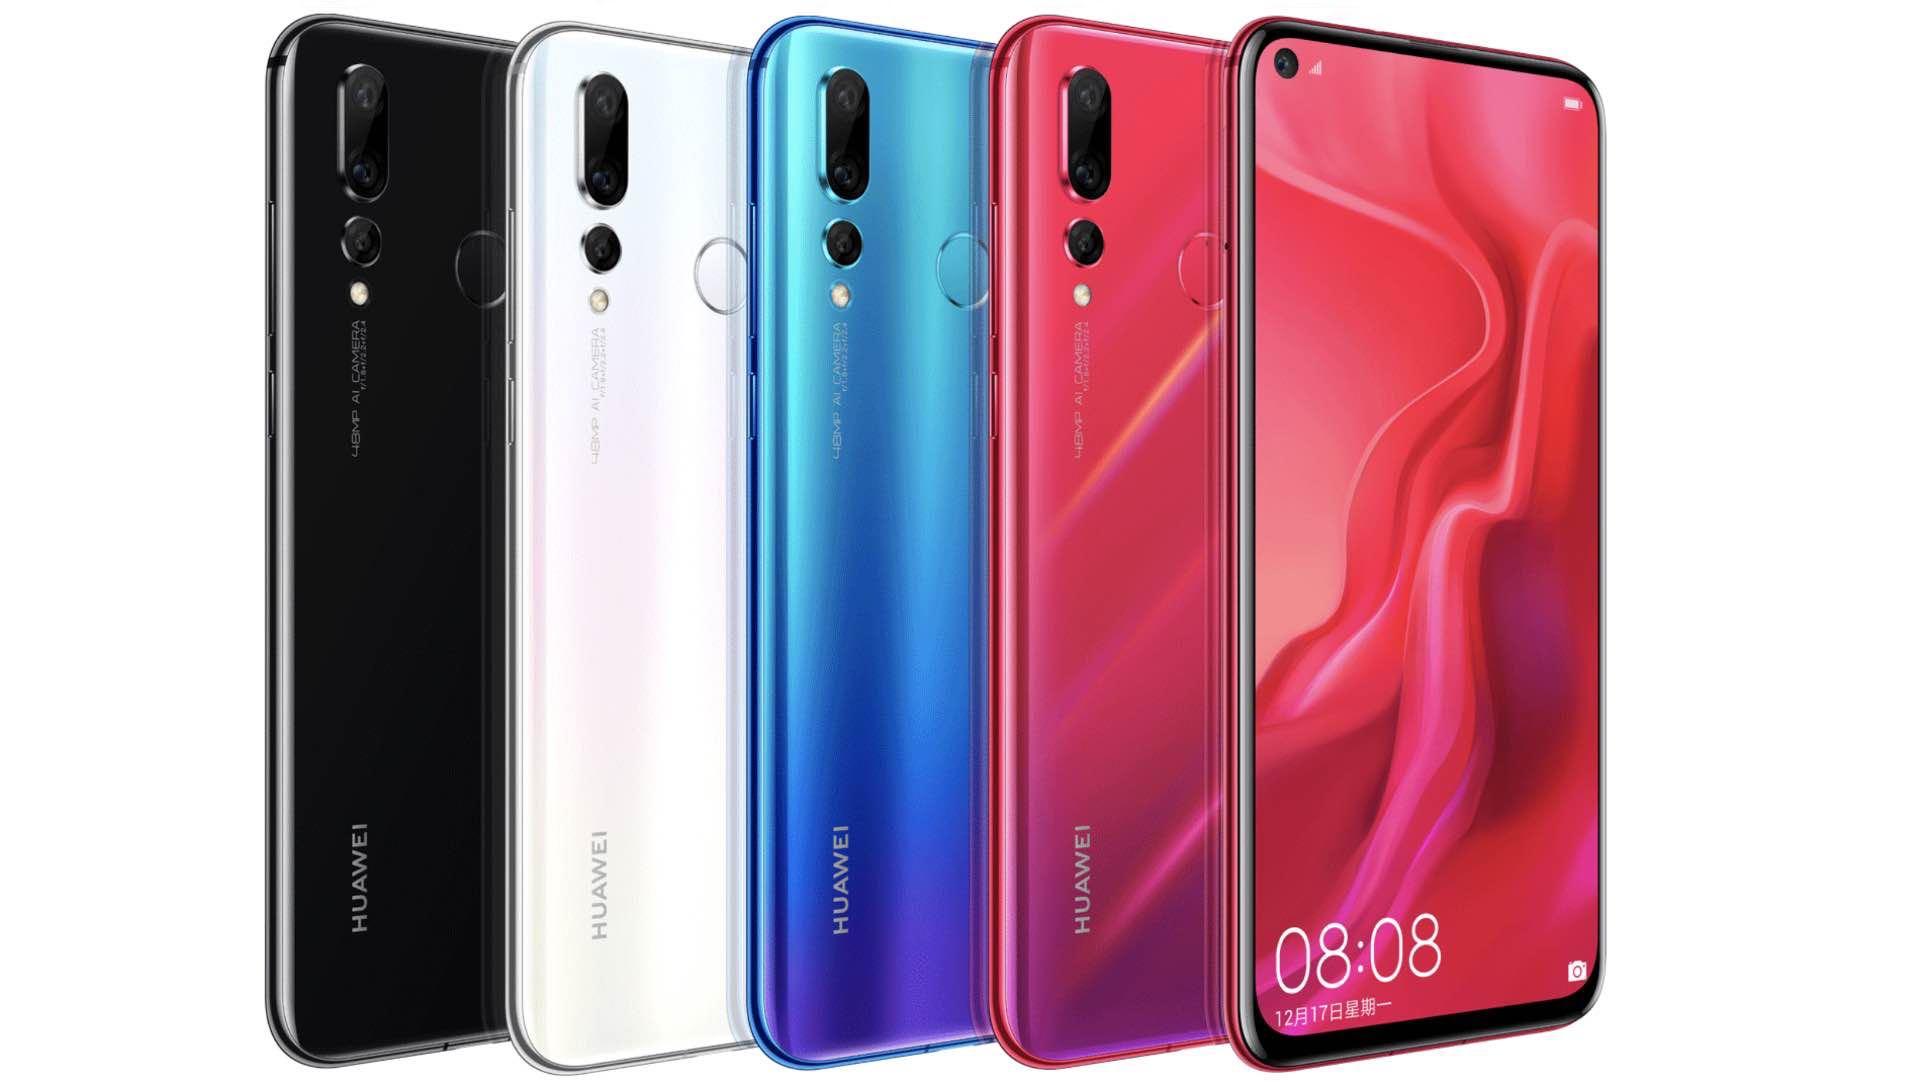 Huawei Nova 4: компанія представила смартфон із 48 Мп камерою